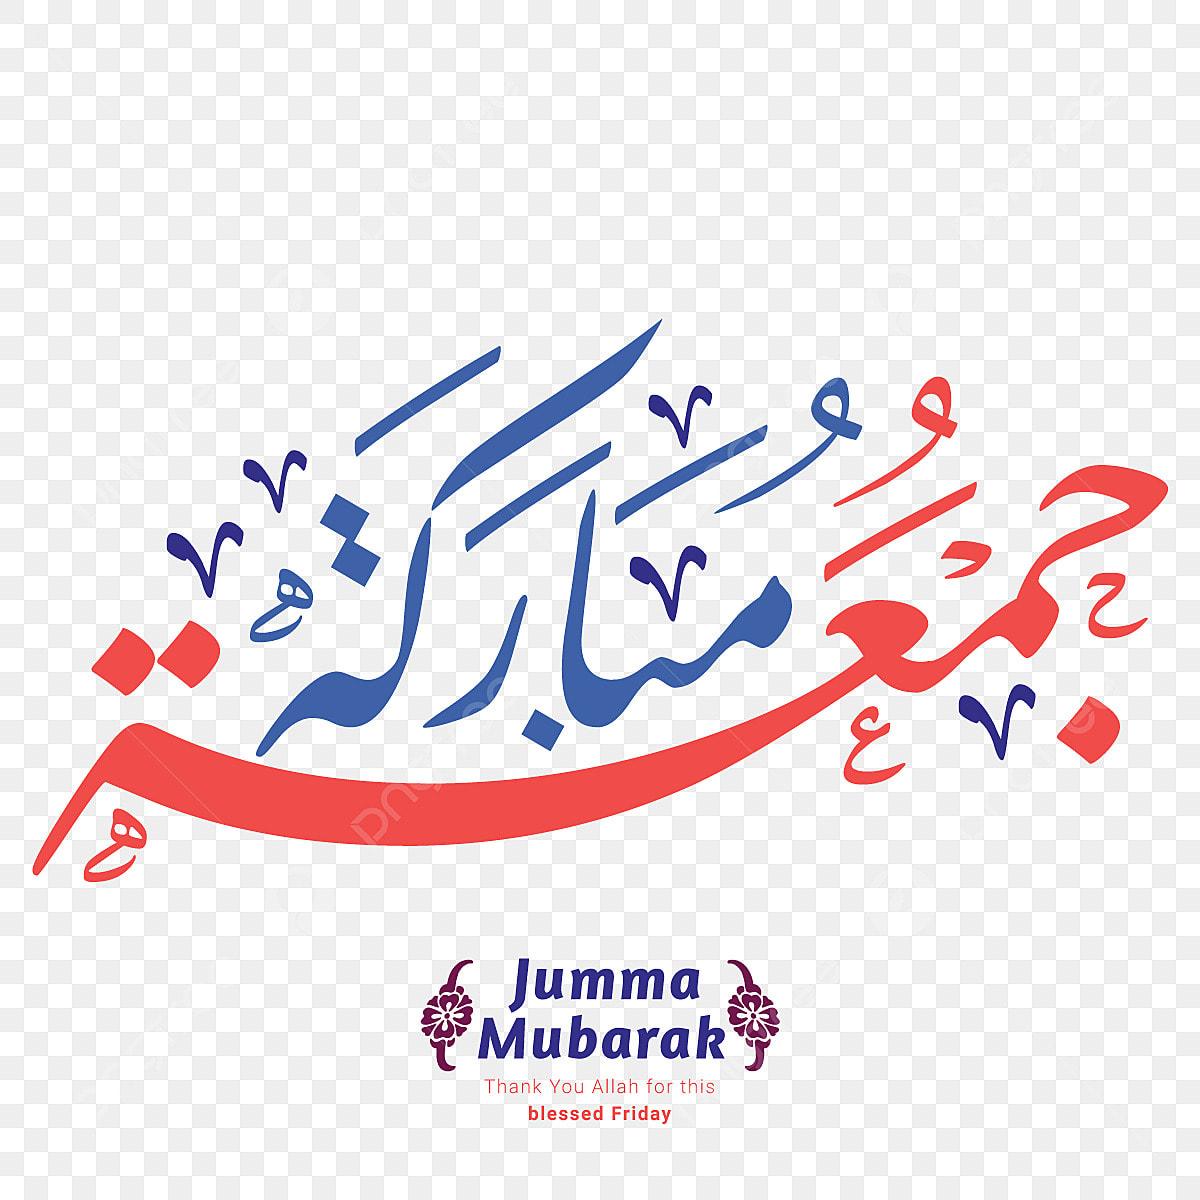 Jumma Mubarak Arabische Kalligrafie übersetzung Gesegnet Freitag